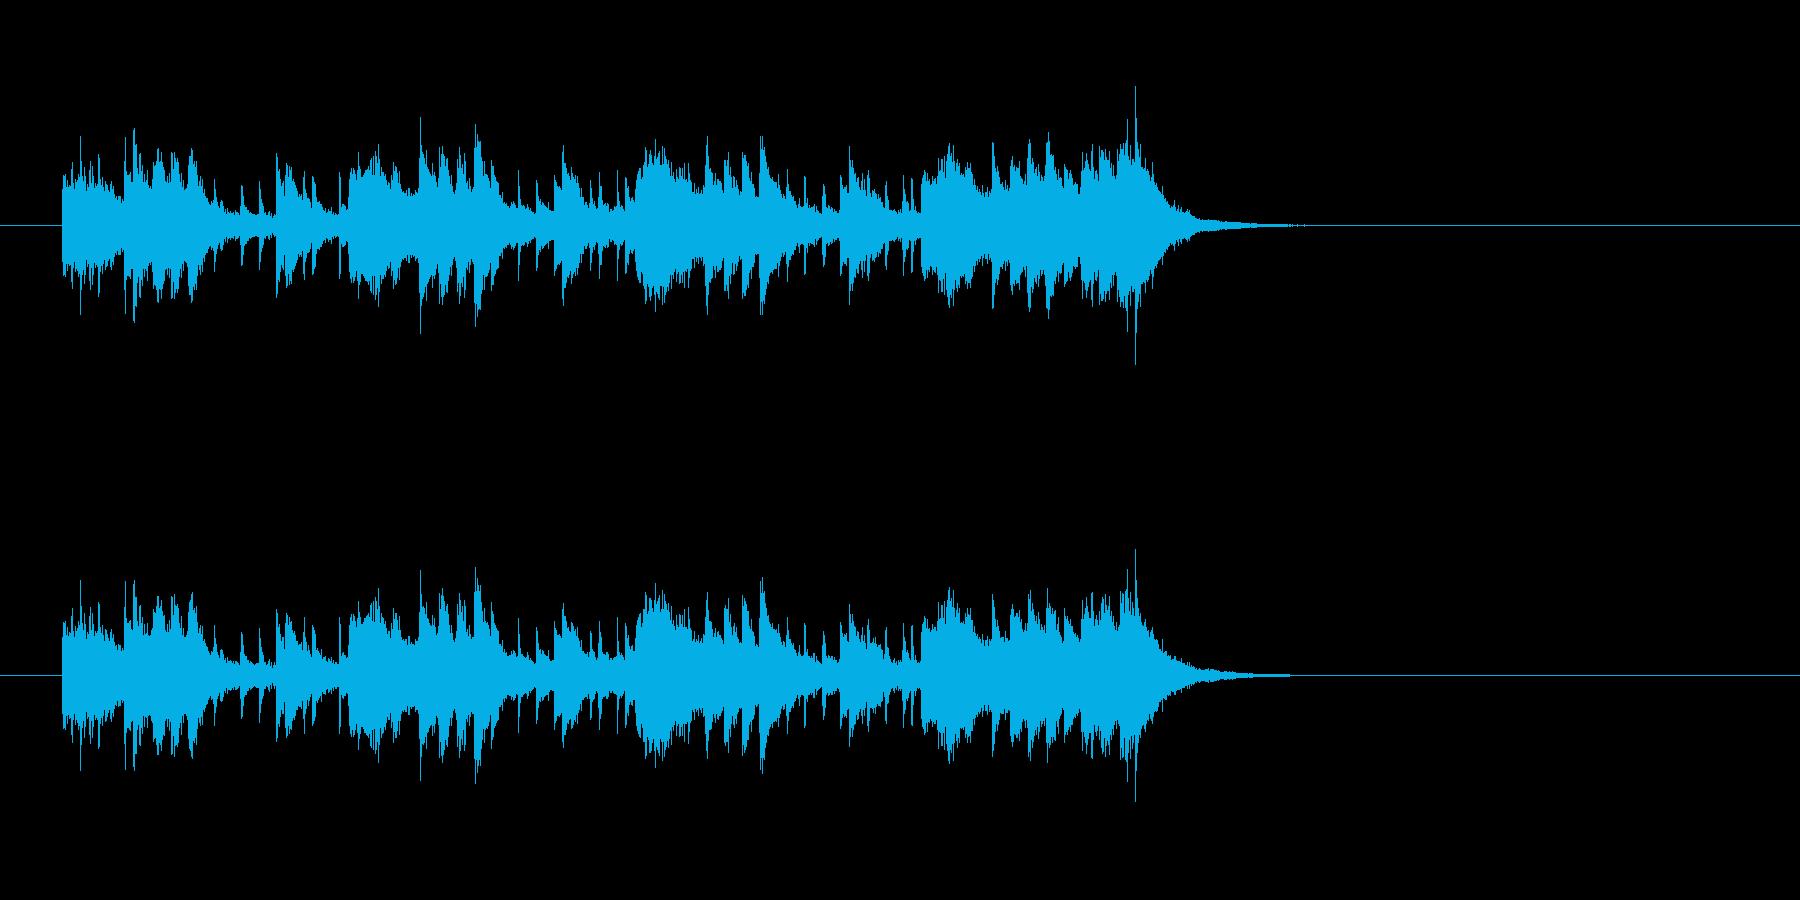 インド 中東 アジア 民族楽器の再生済みの波形